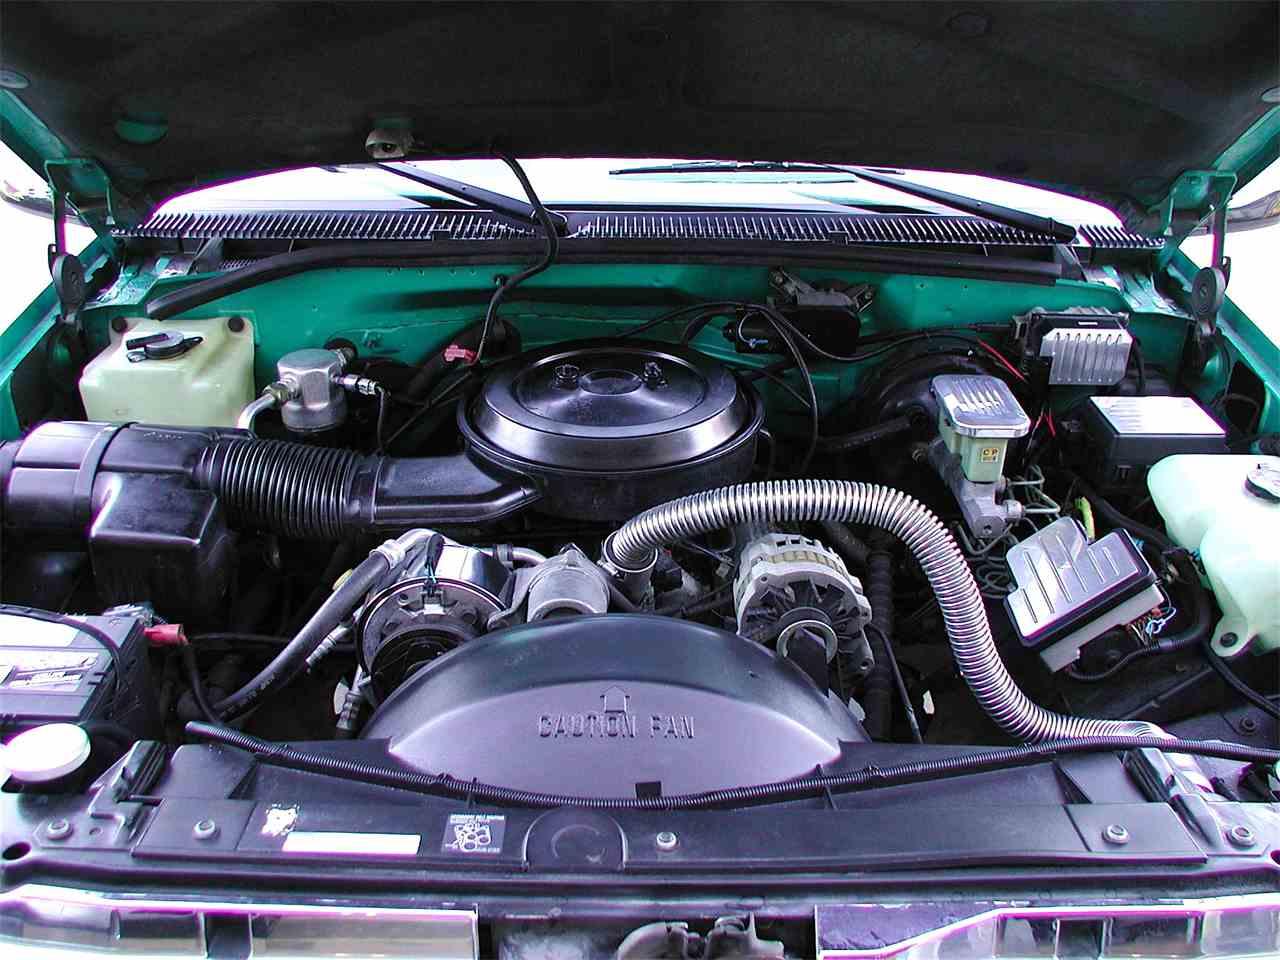 Ungewöhnlich 1995 Chevy Silverado Motor Galerie - Elektrische ...